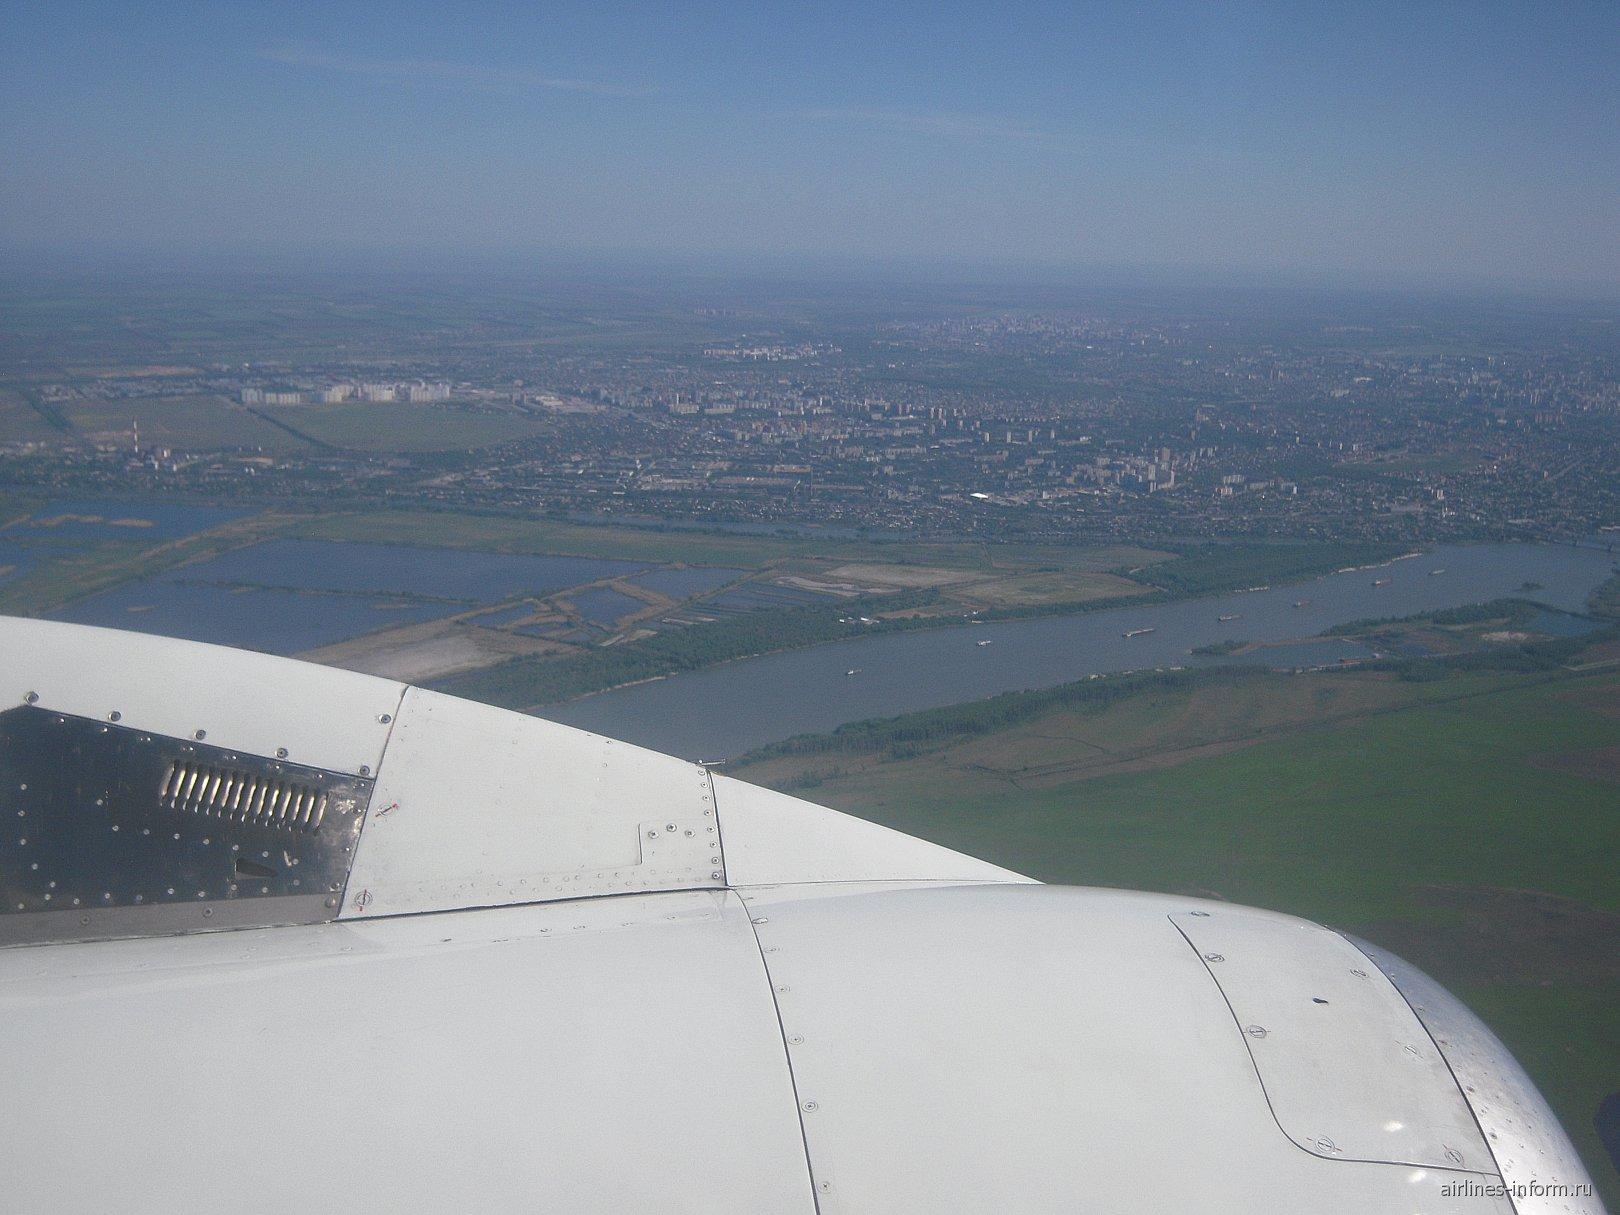 Рейс Санкт-Петербург-Ростов авиакомпании Россия